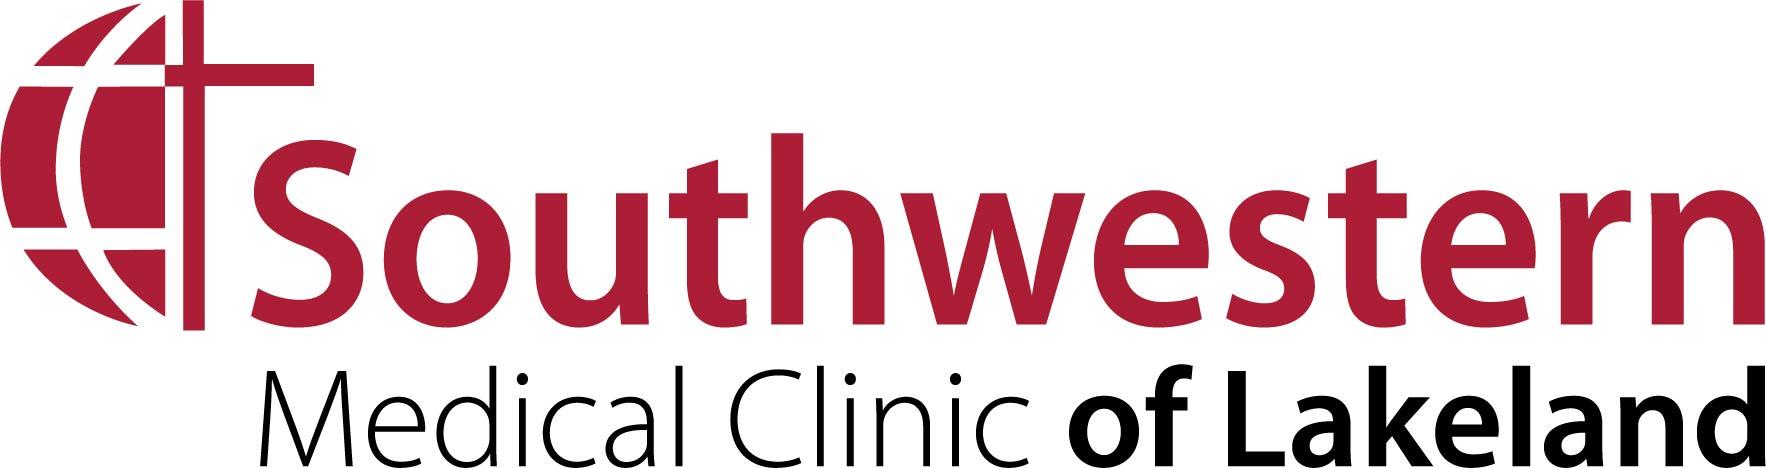 Image of Southwestern Medical Clinic Logo